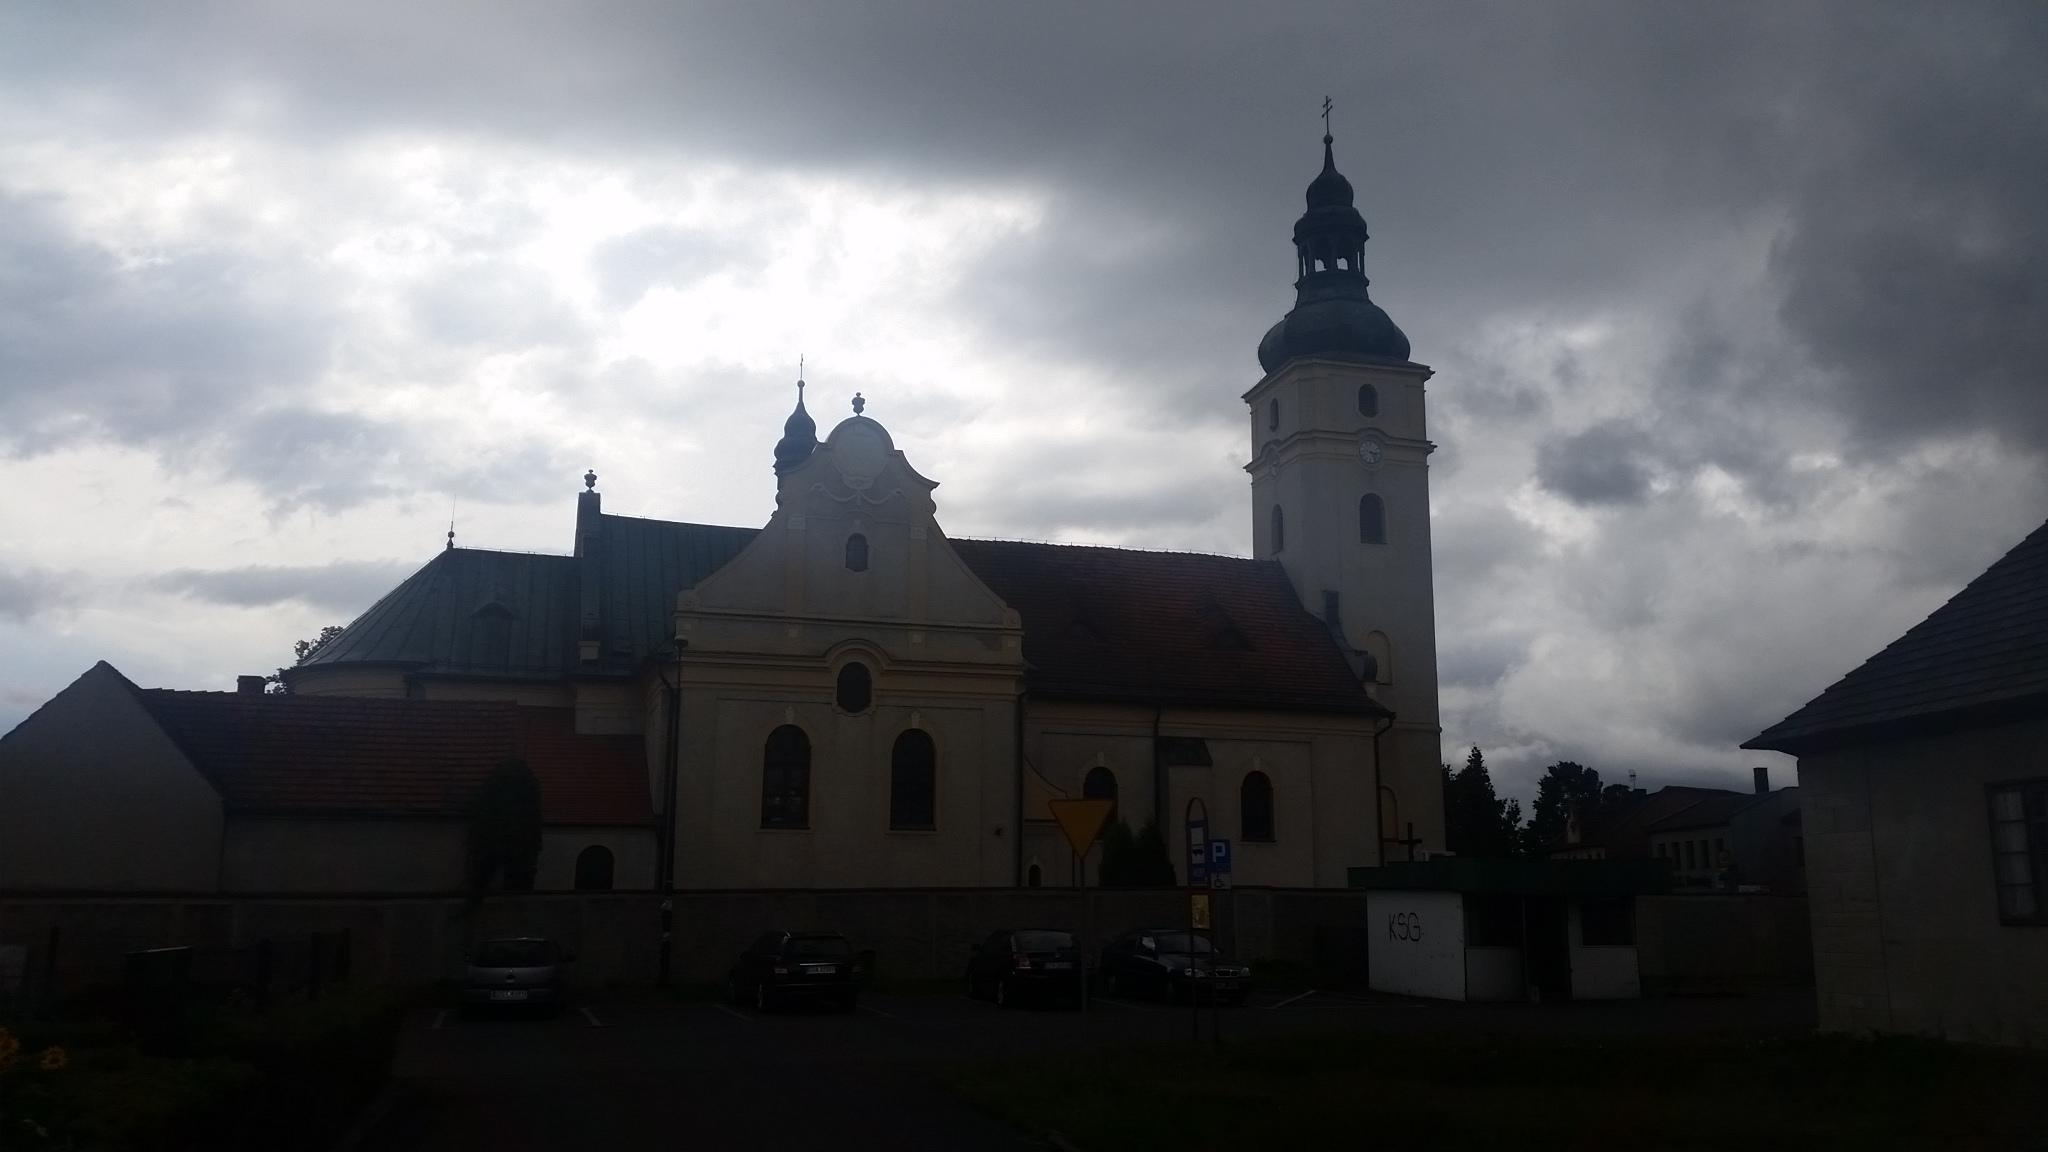 Kościół w Tworogu